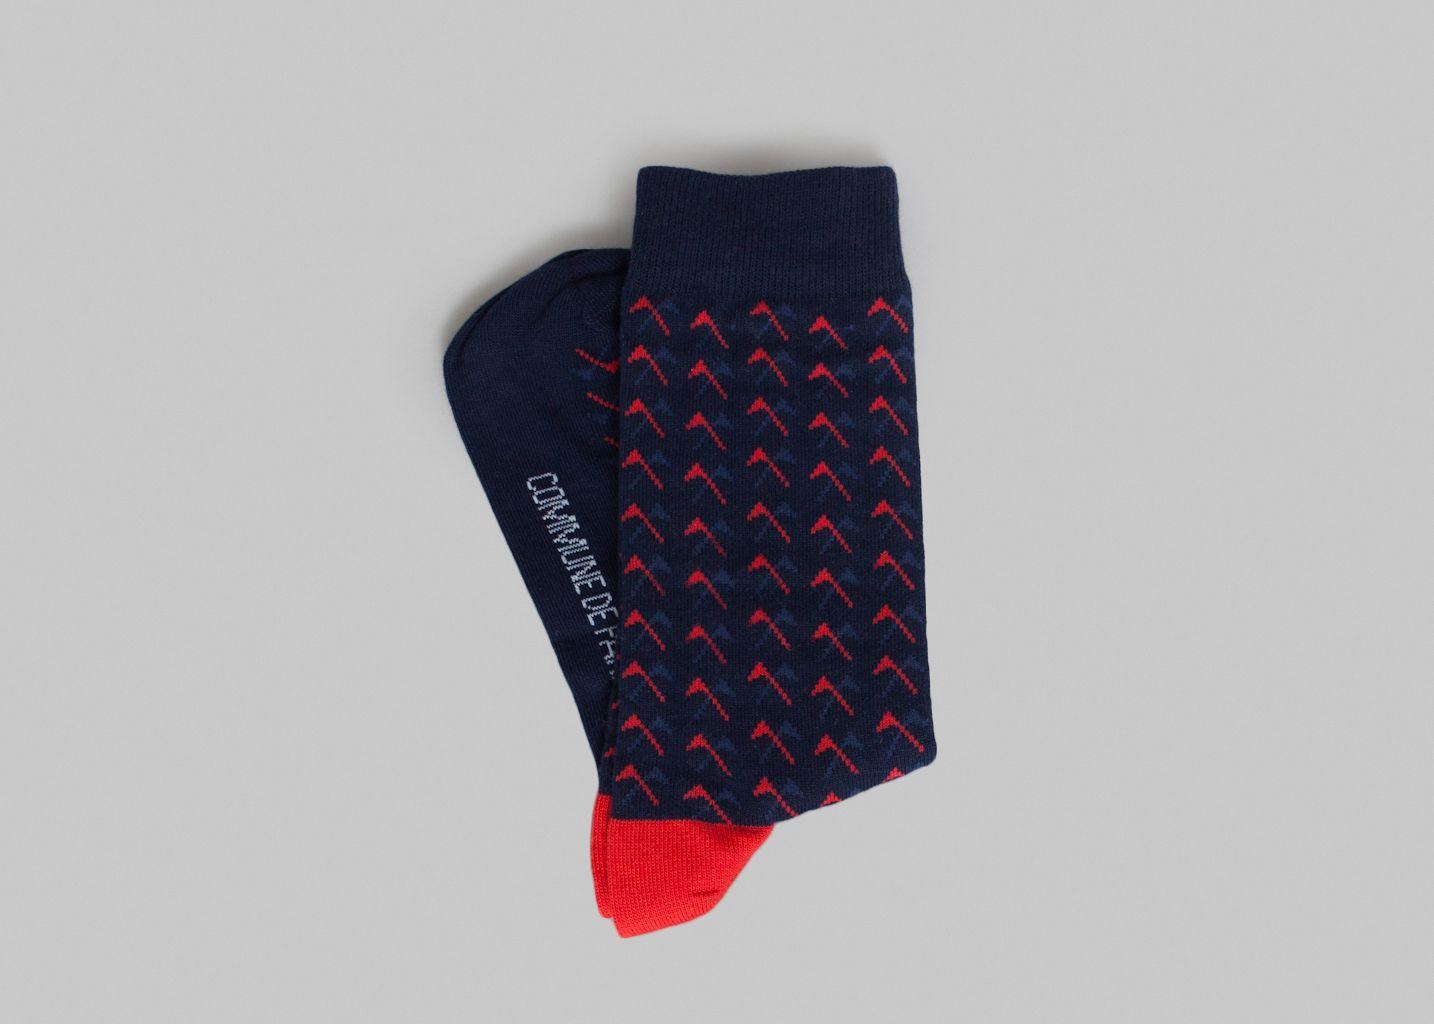 chaussettes etendard commune de paris bleu marine l 39 exception. Black Bedroom Furniture Sets. Home Design Ideas